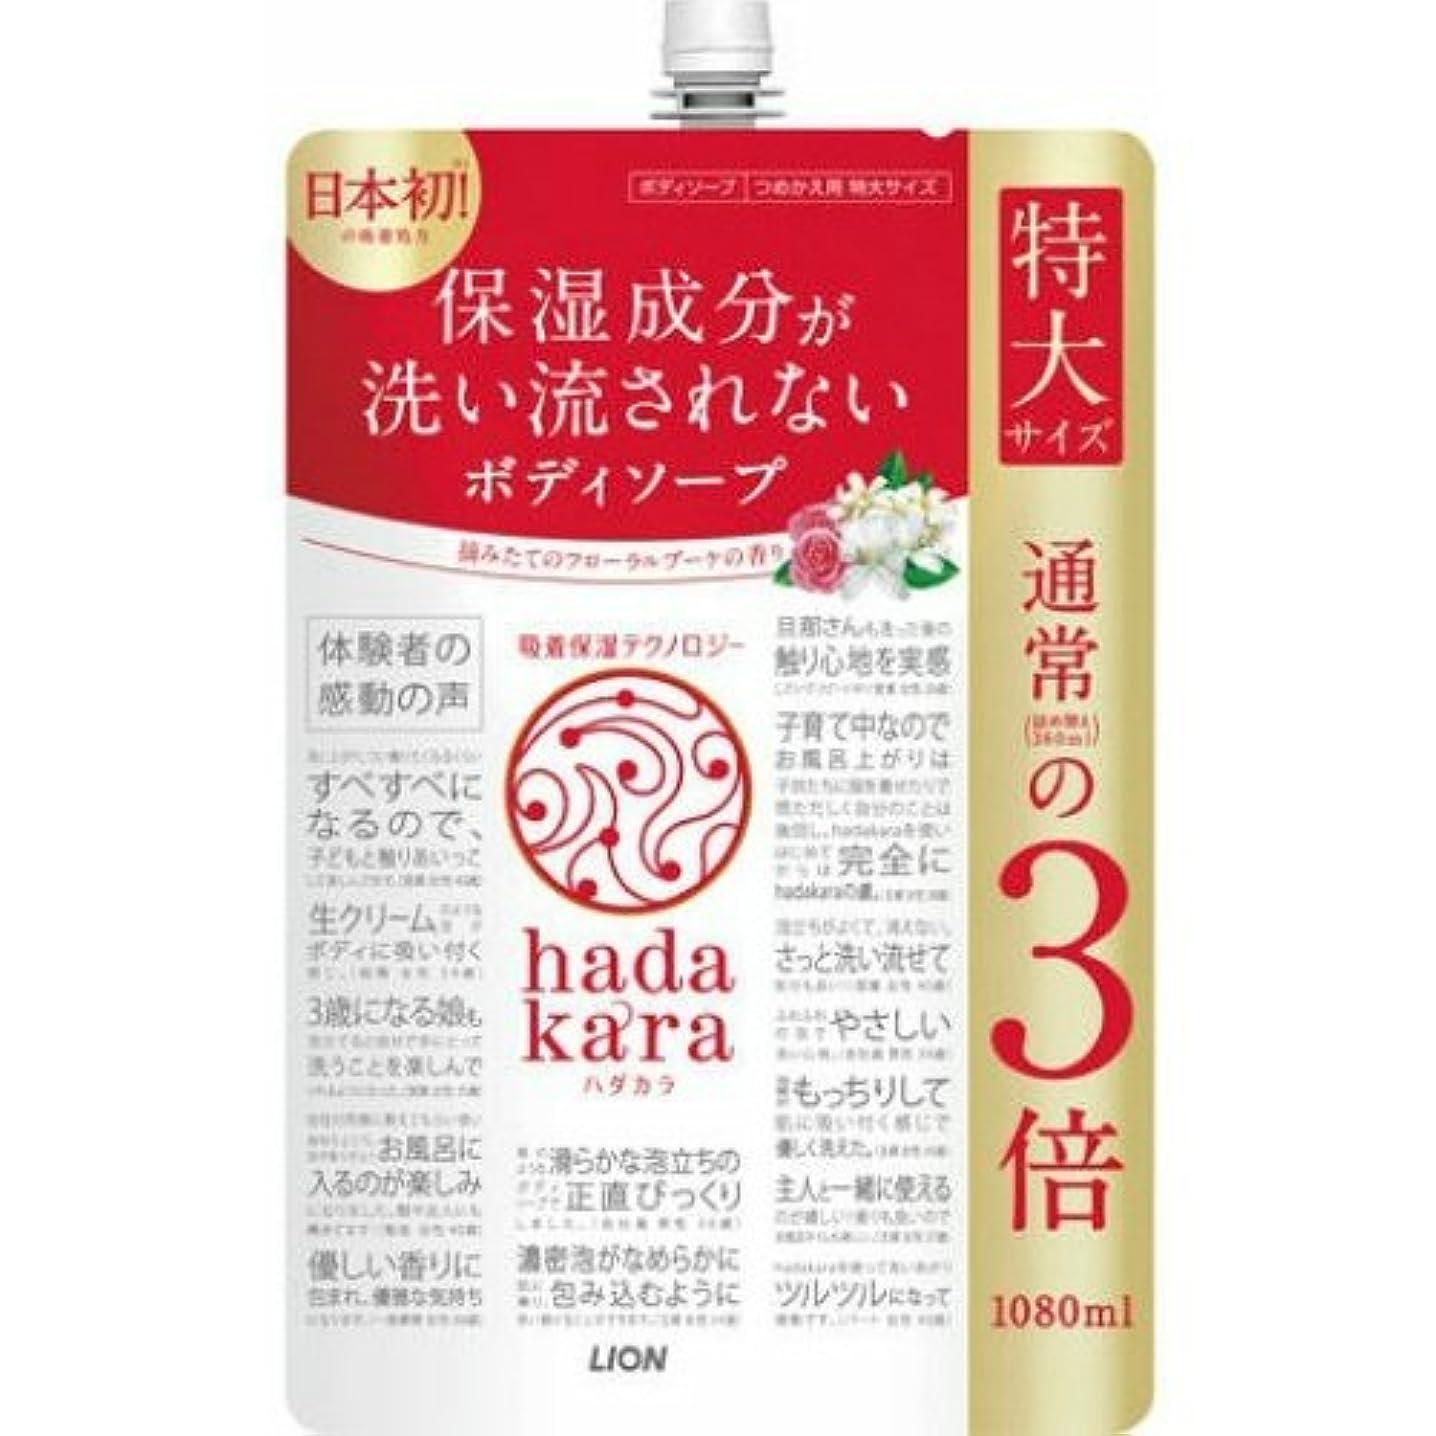 無駄な不従順摂動LION ライオン hadakara ハダカラ ボディソープ フローラルブーケの香り つめかえ用 特大サイズ 1080ml ×3点セット(4903301260875)